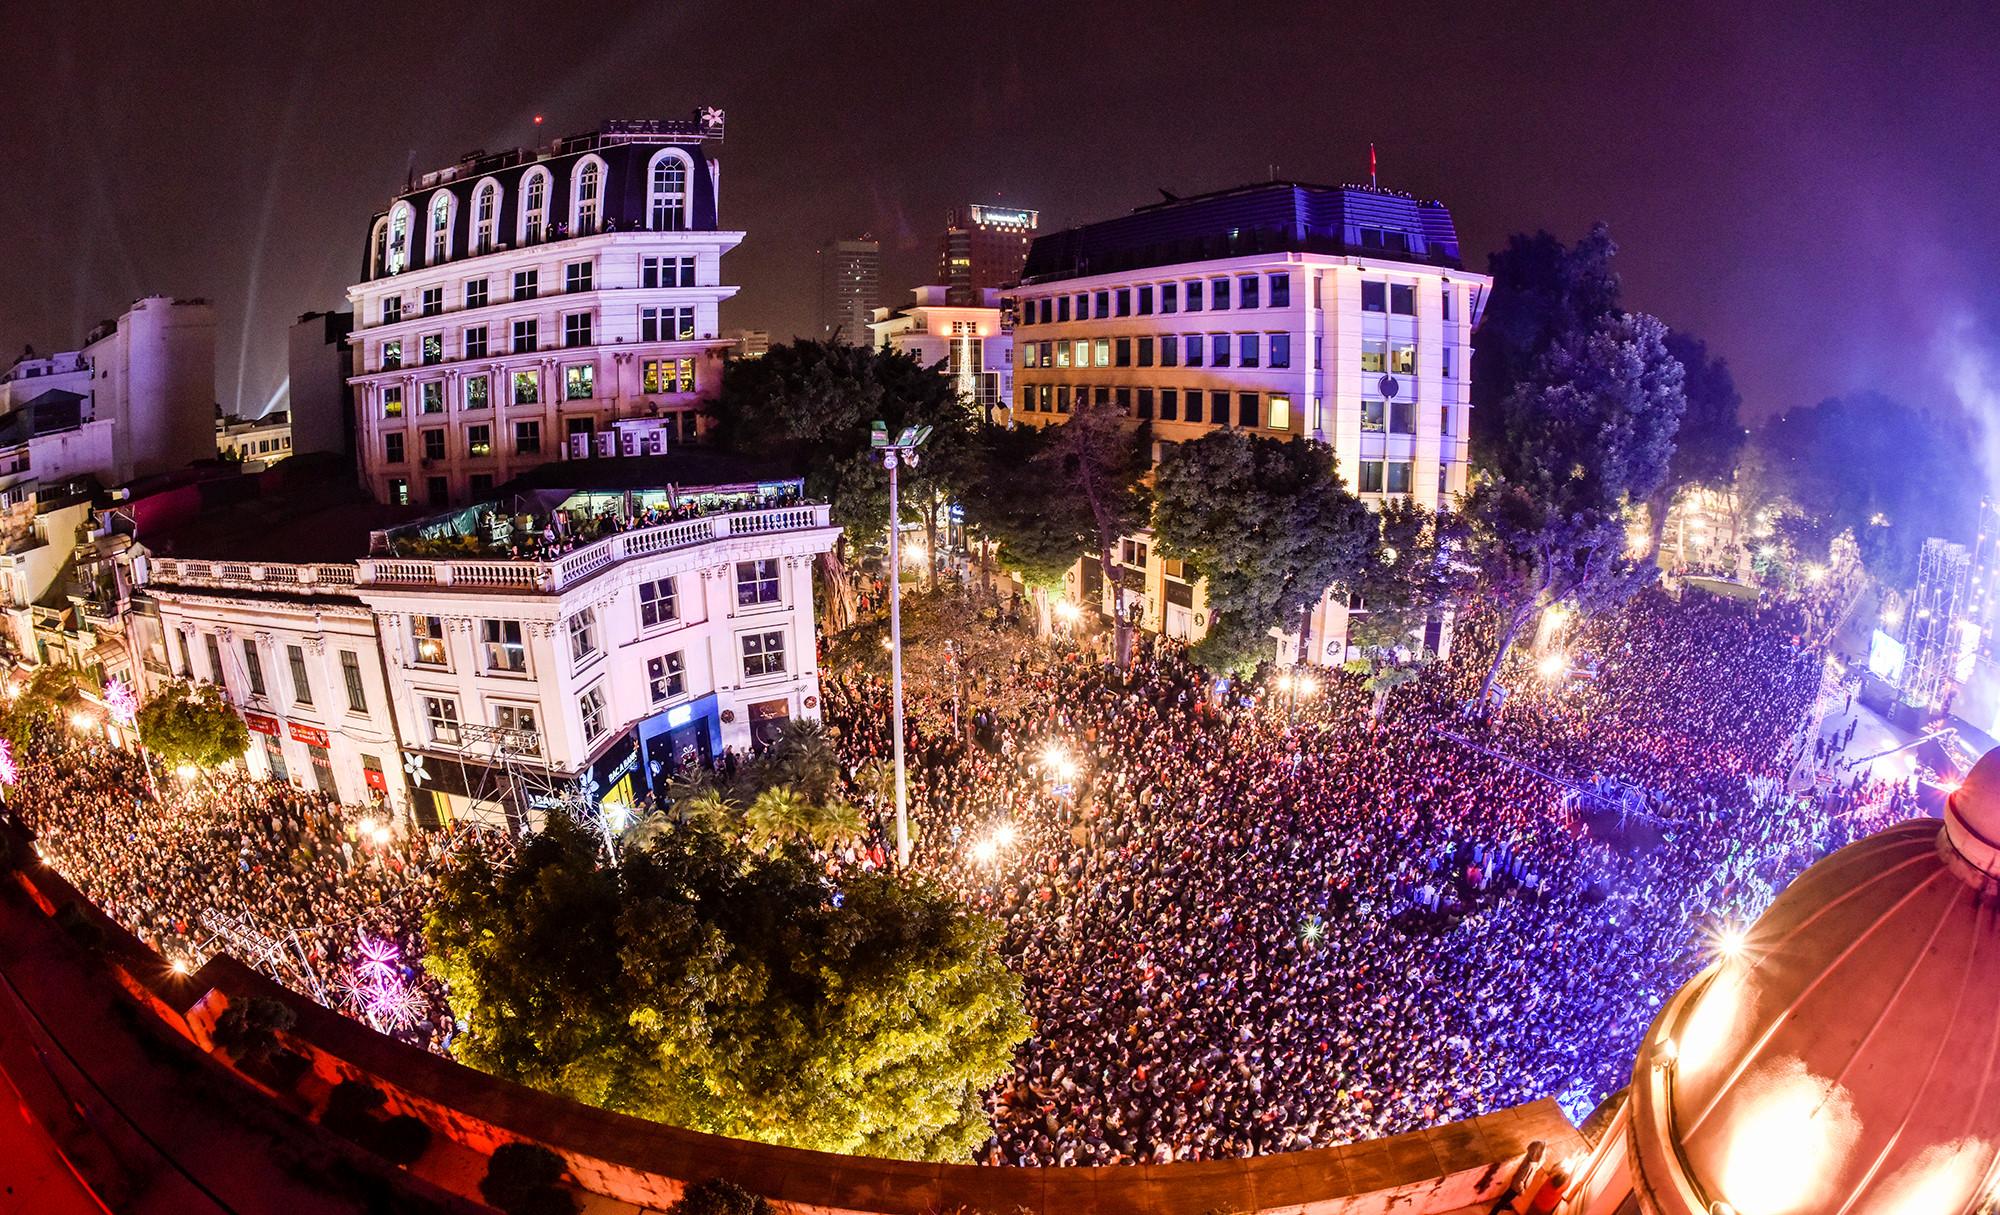 Cảnh người đông chưa từng thấy trong đêm đón năm mới